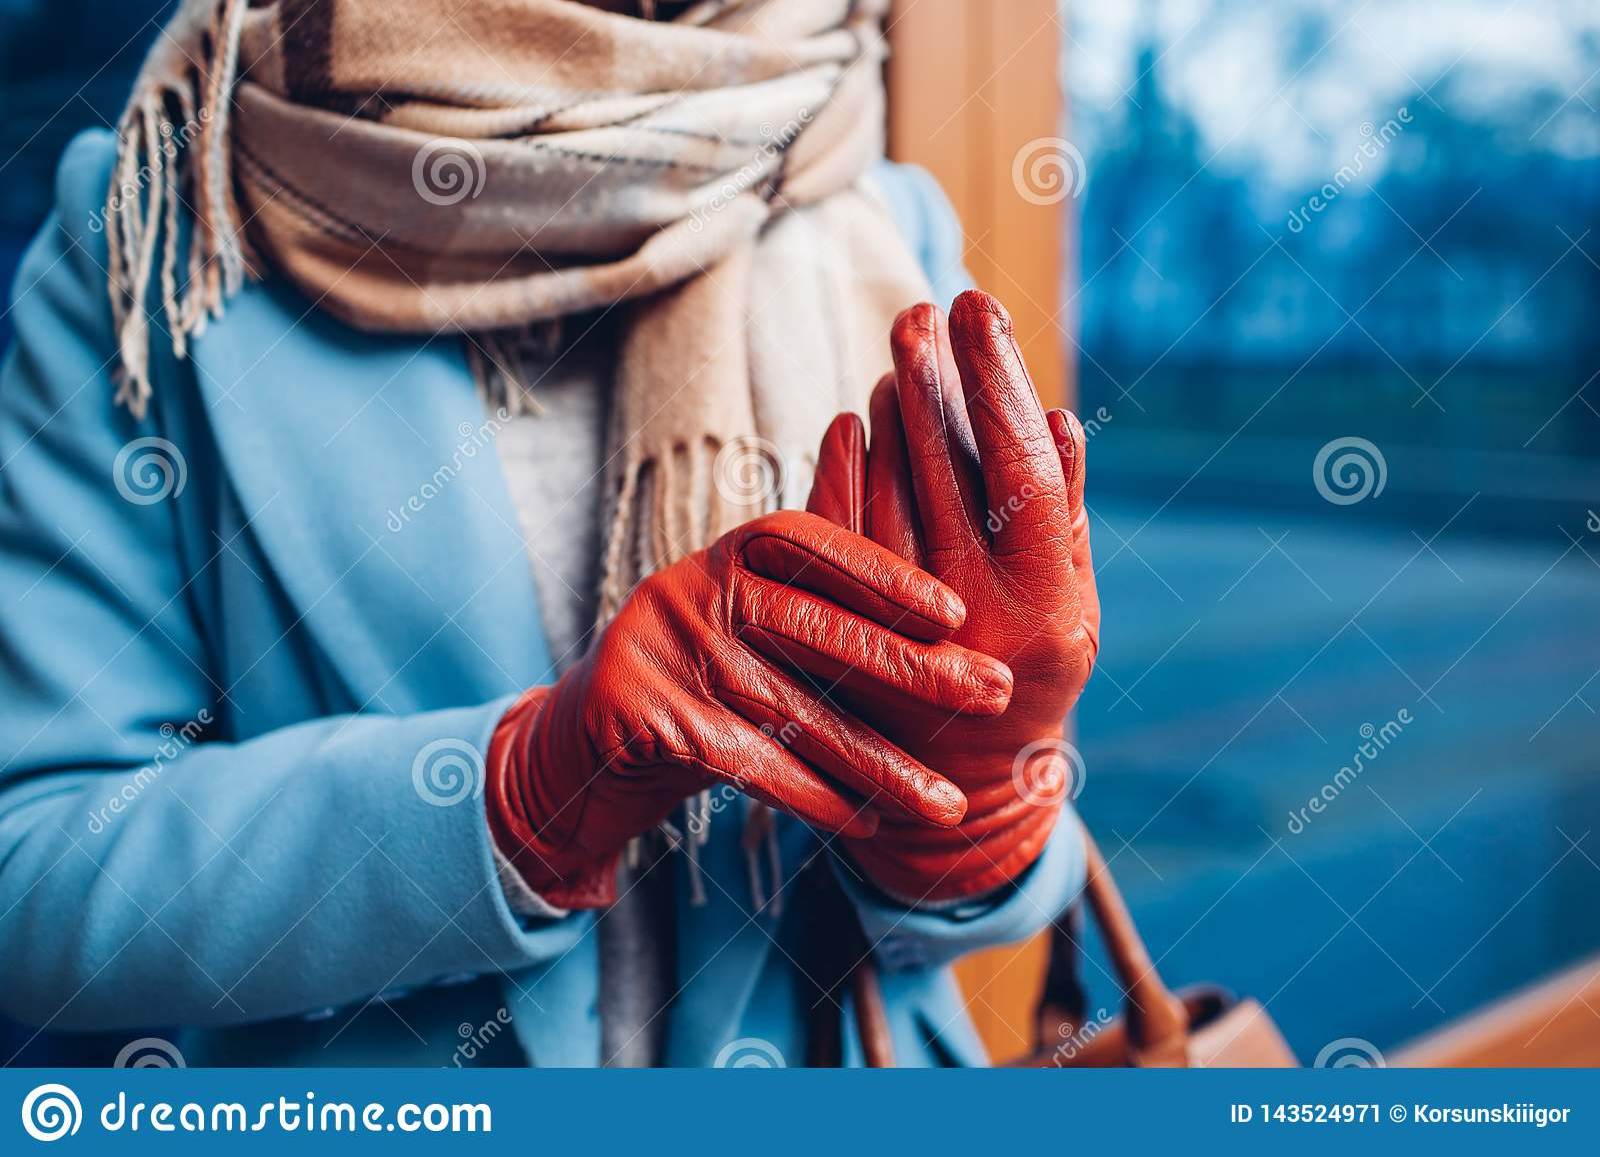 Κομψή εξάρτηση Κινηματογράφηση σε πρώτο πλάνο της μοντέρνης γυναίκας στο παλτό, το μαντίλι και τα καφετιά γάντια Μοντέρνο κορίτσι